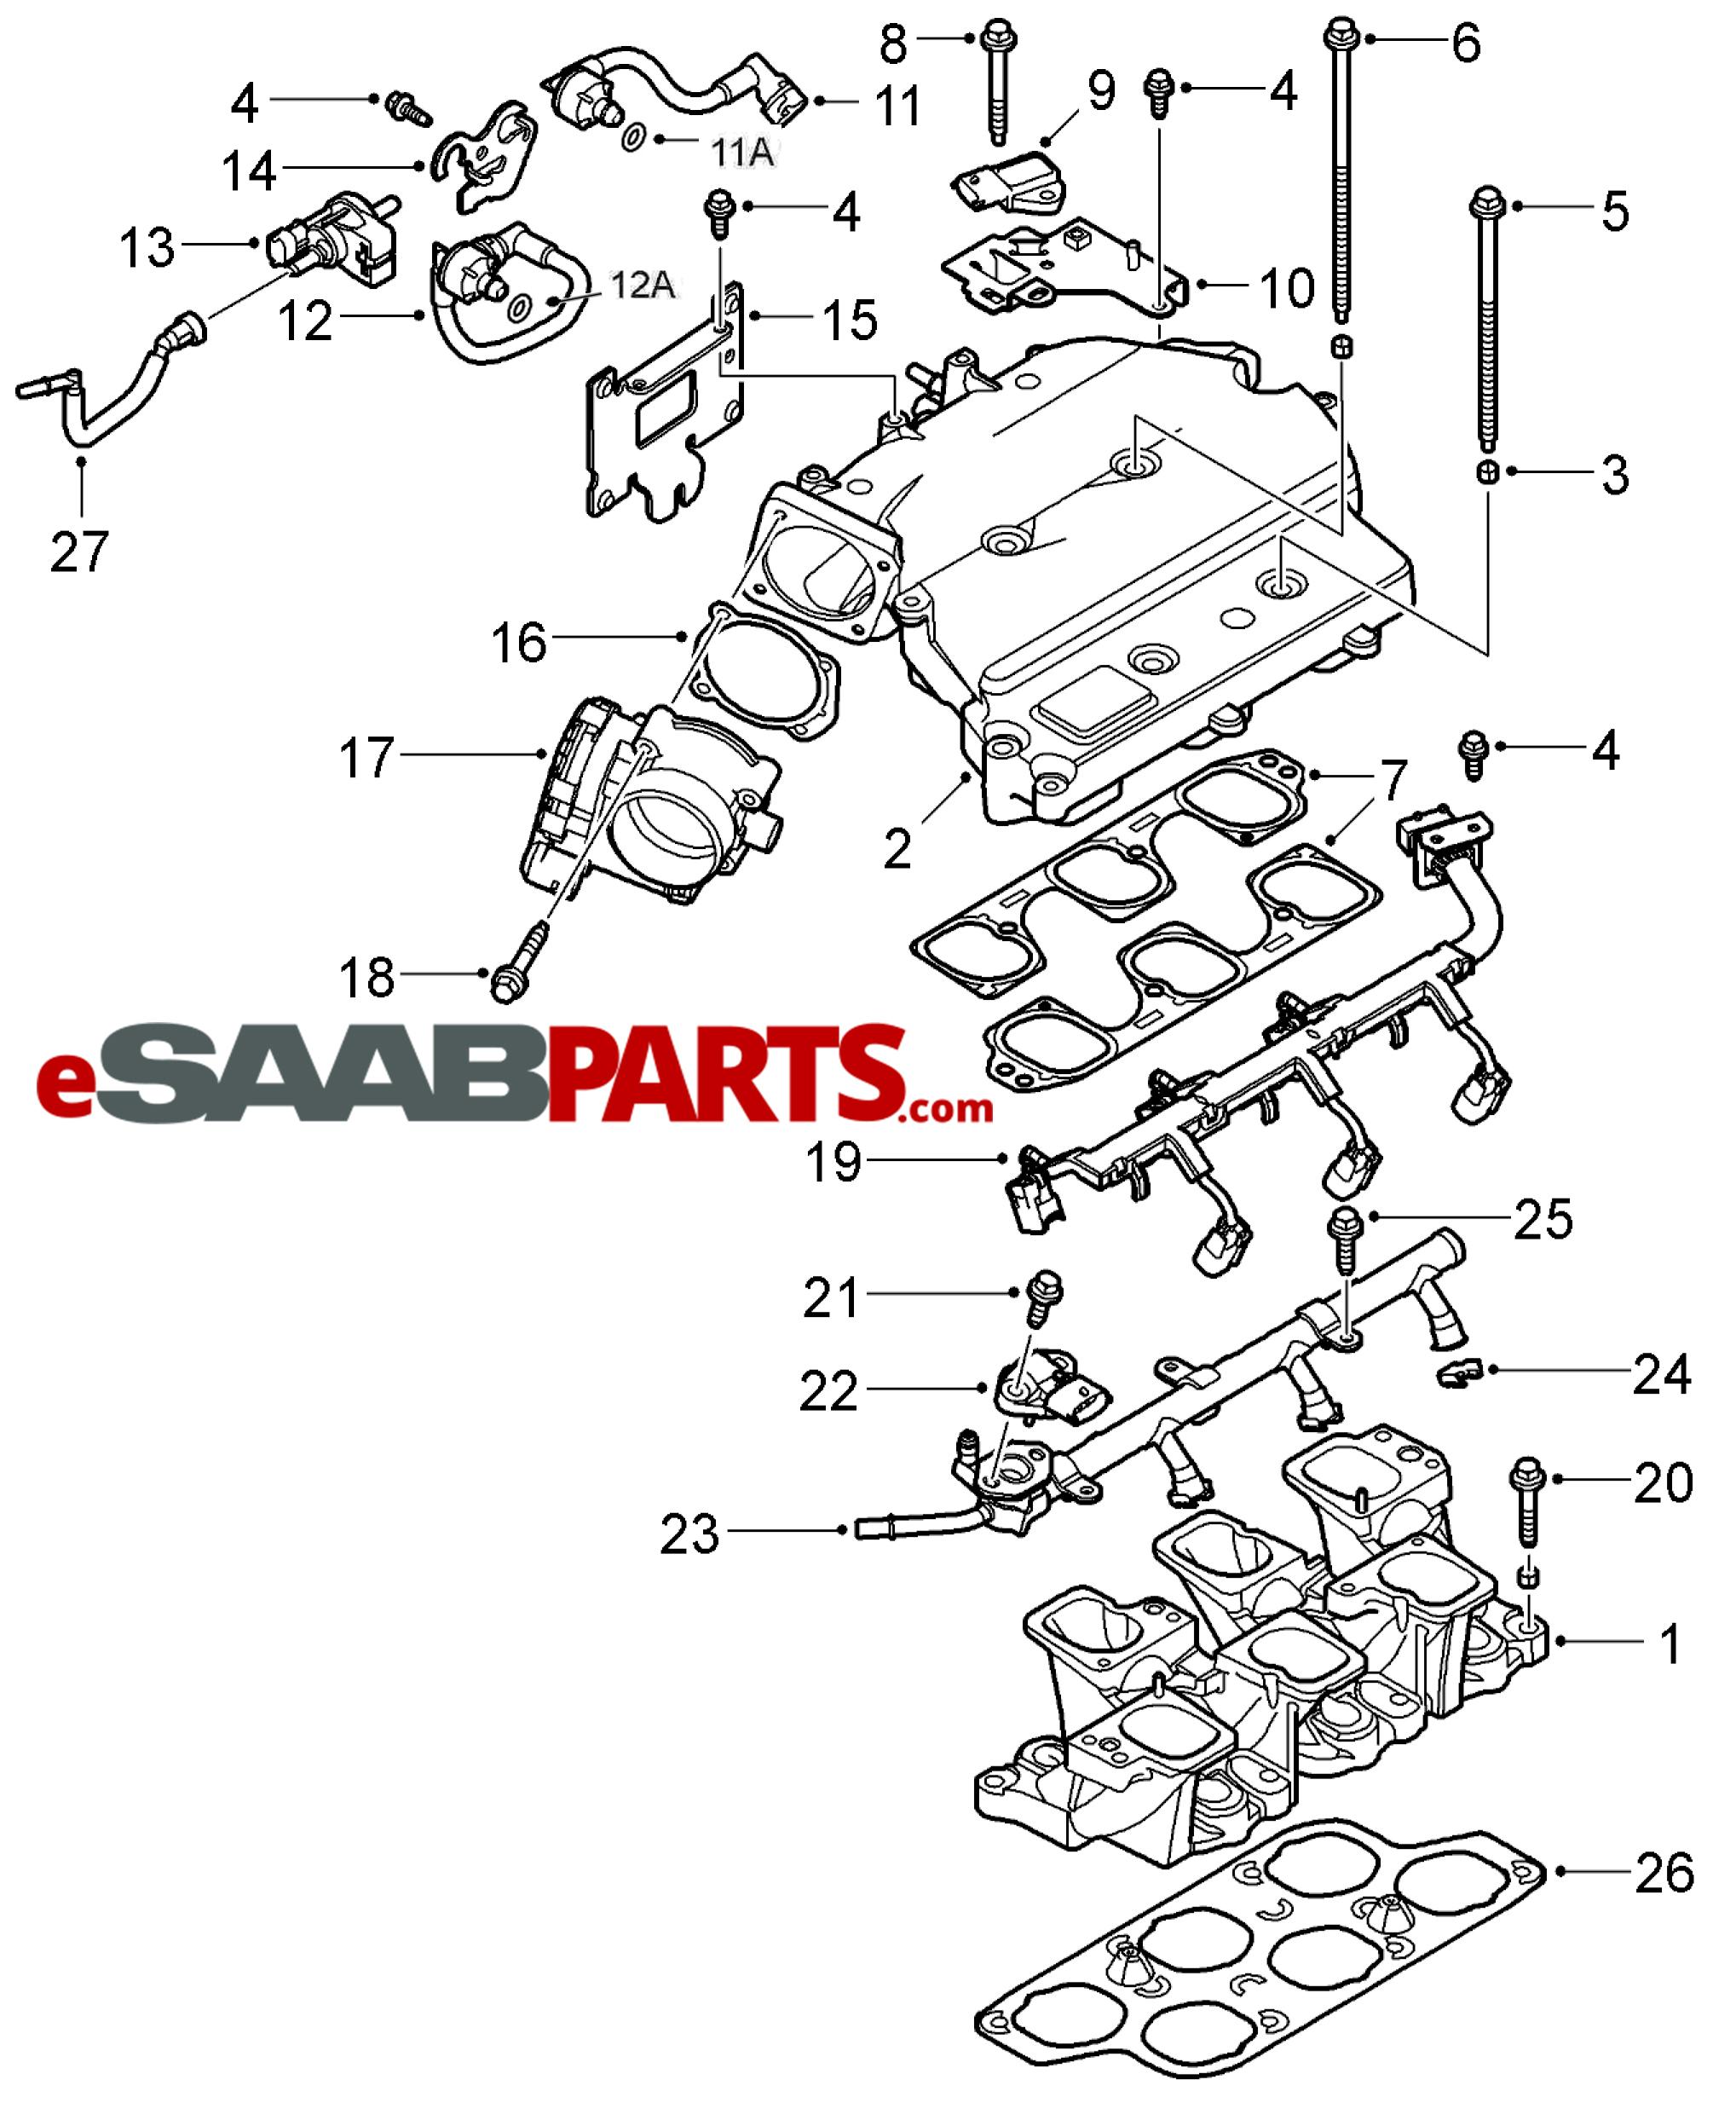 Saab Evap Purge Valve 2 8t V6 Rear Of Intake